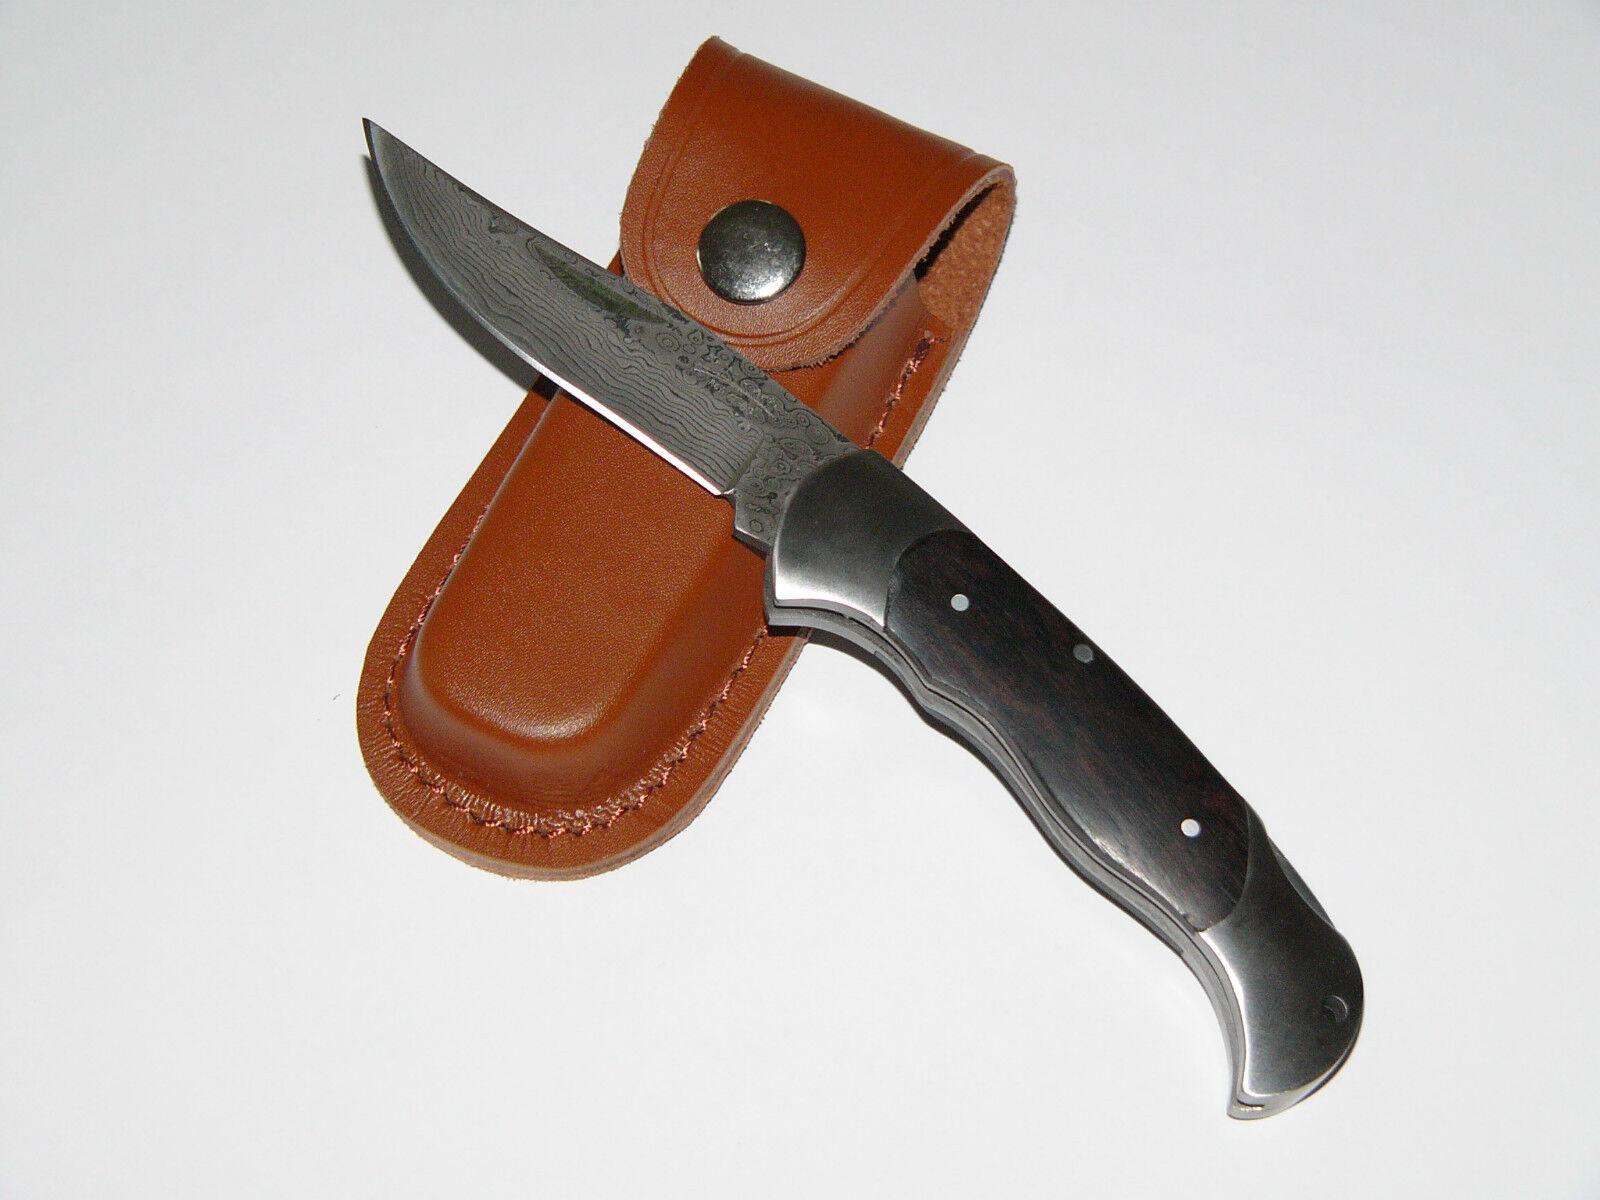 Damast Taschenmesser - Jagdmesser mit Ebenholzgriff - Neu